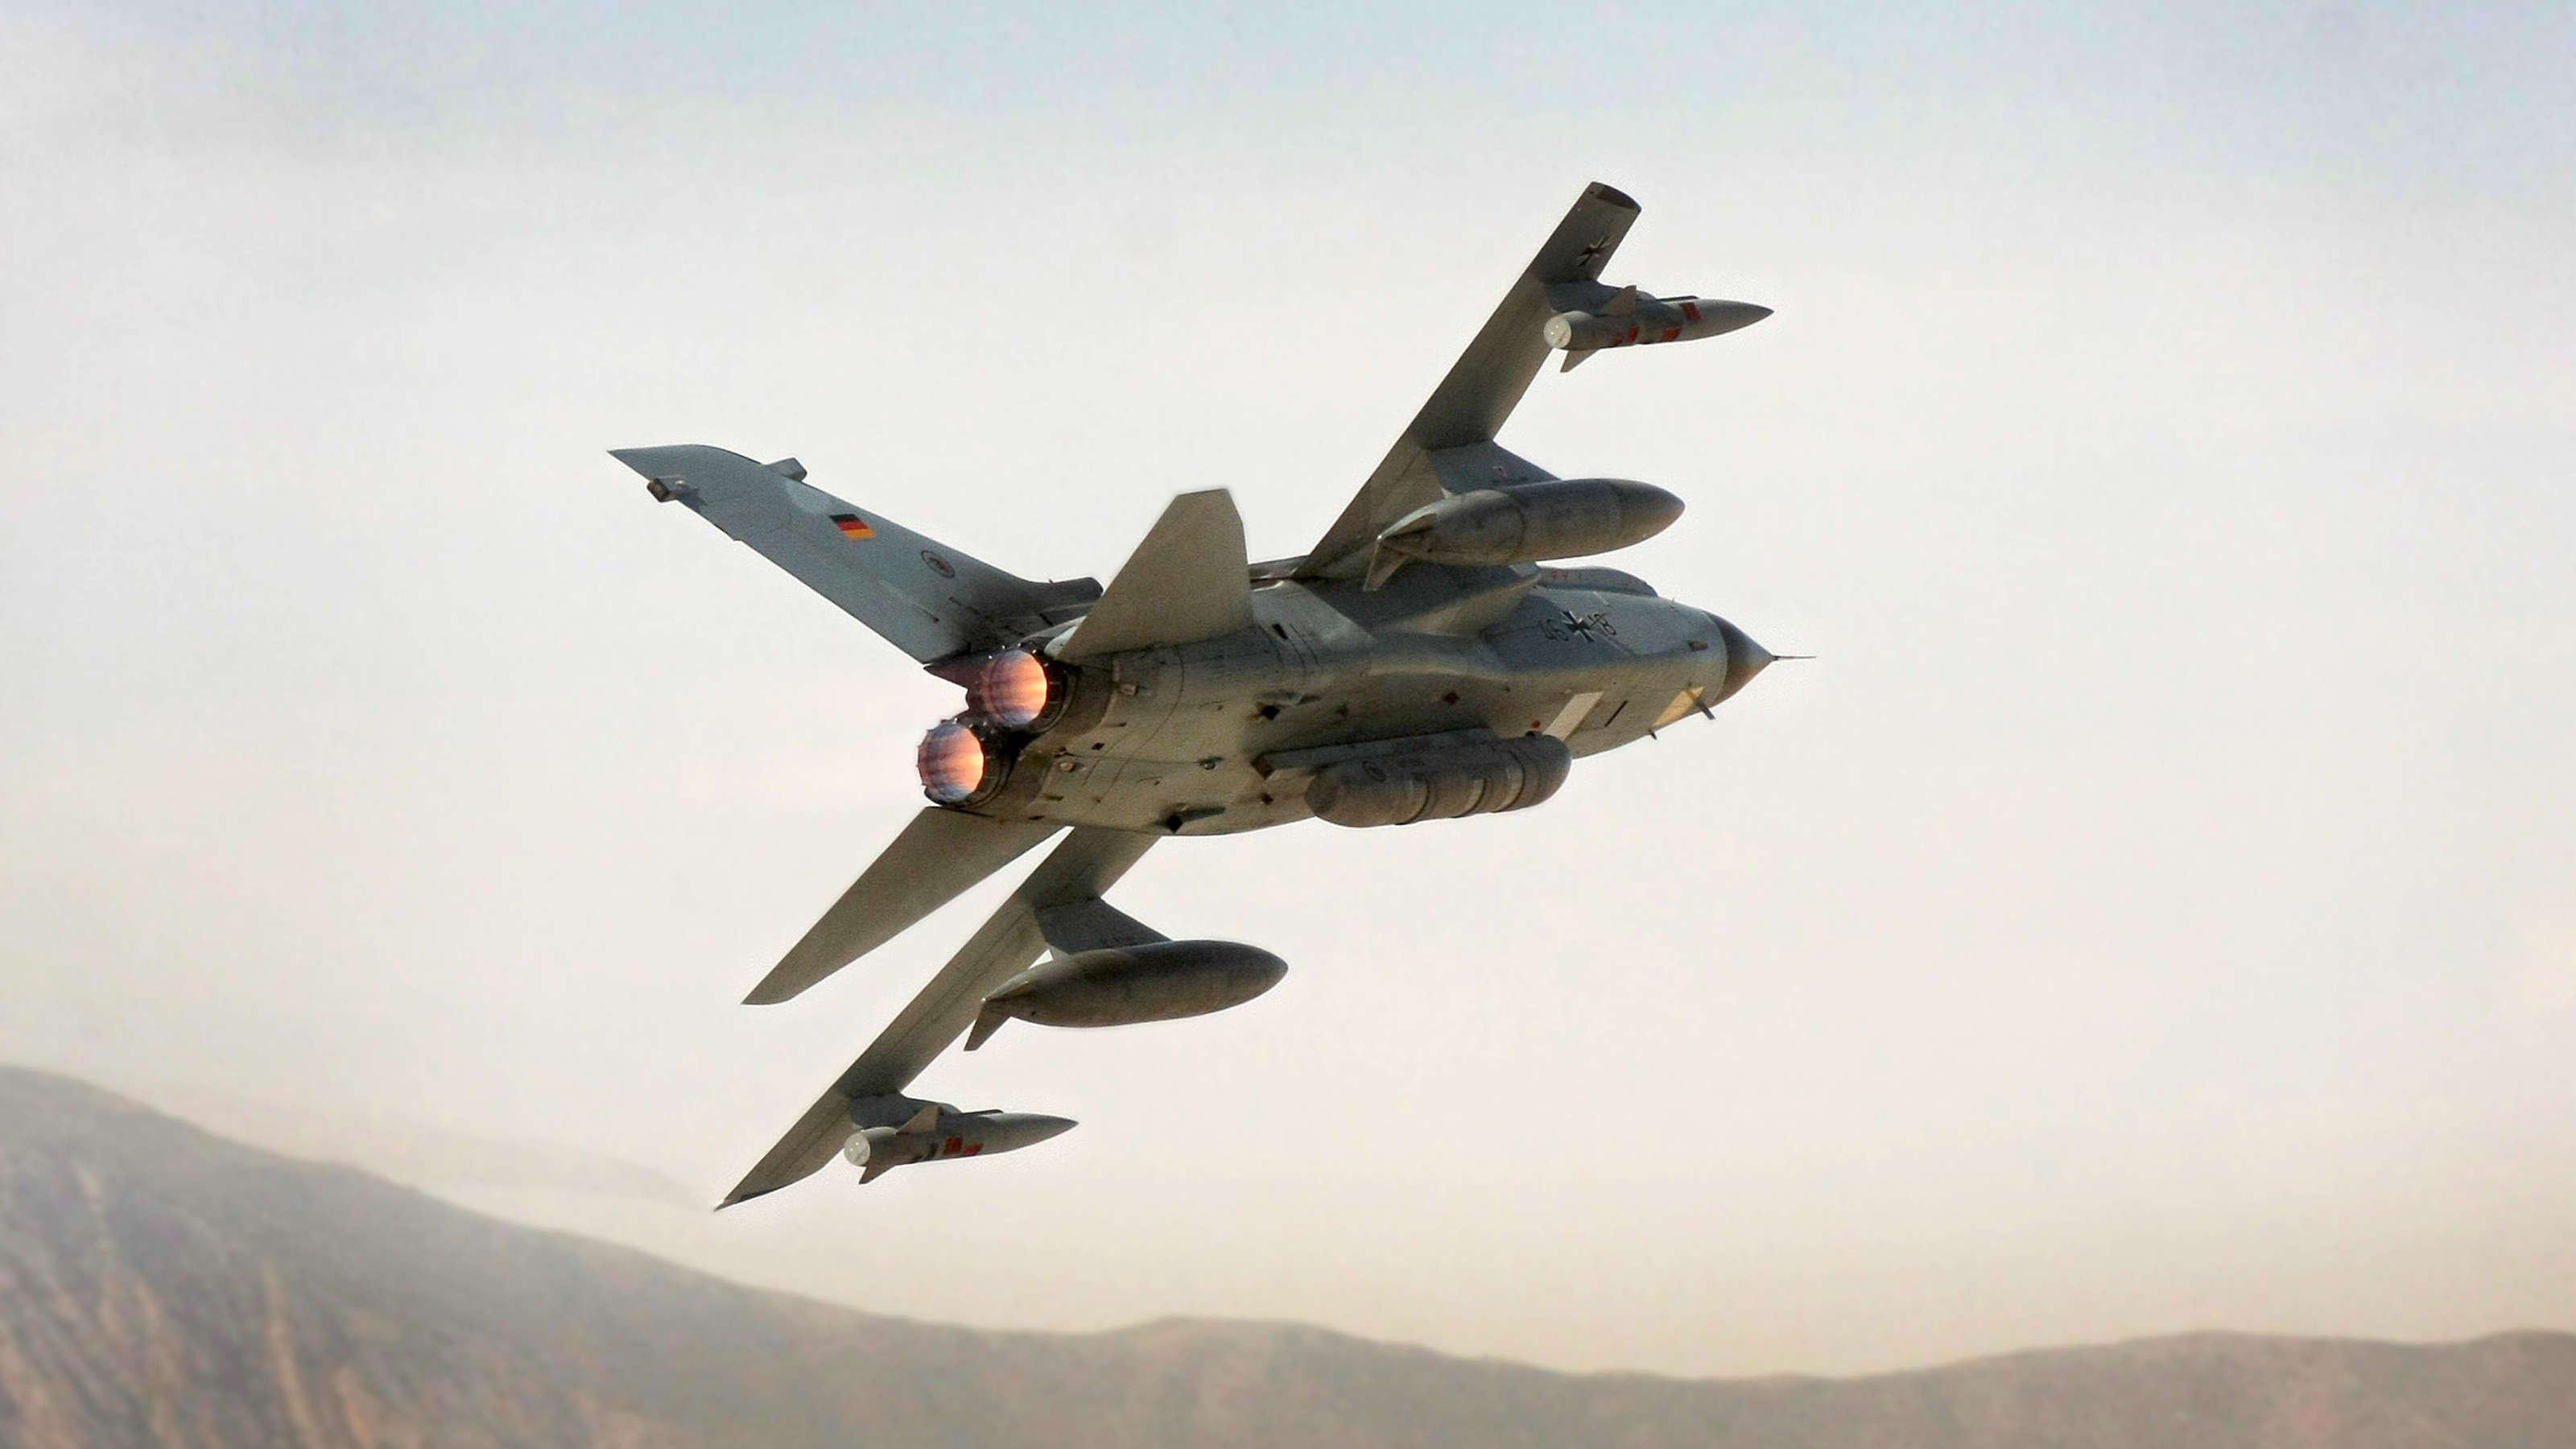 German AF TaktLwG51 Tornado ECR over Afghanistan [Bundeswehr/Falk Bärwald]